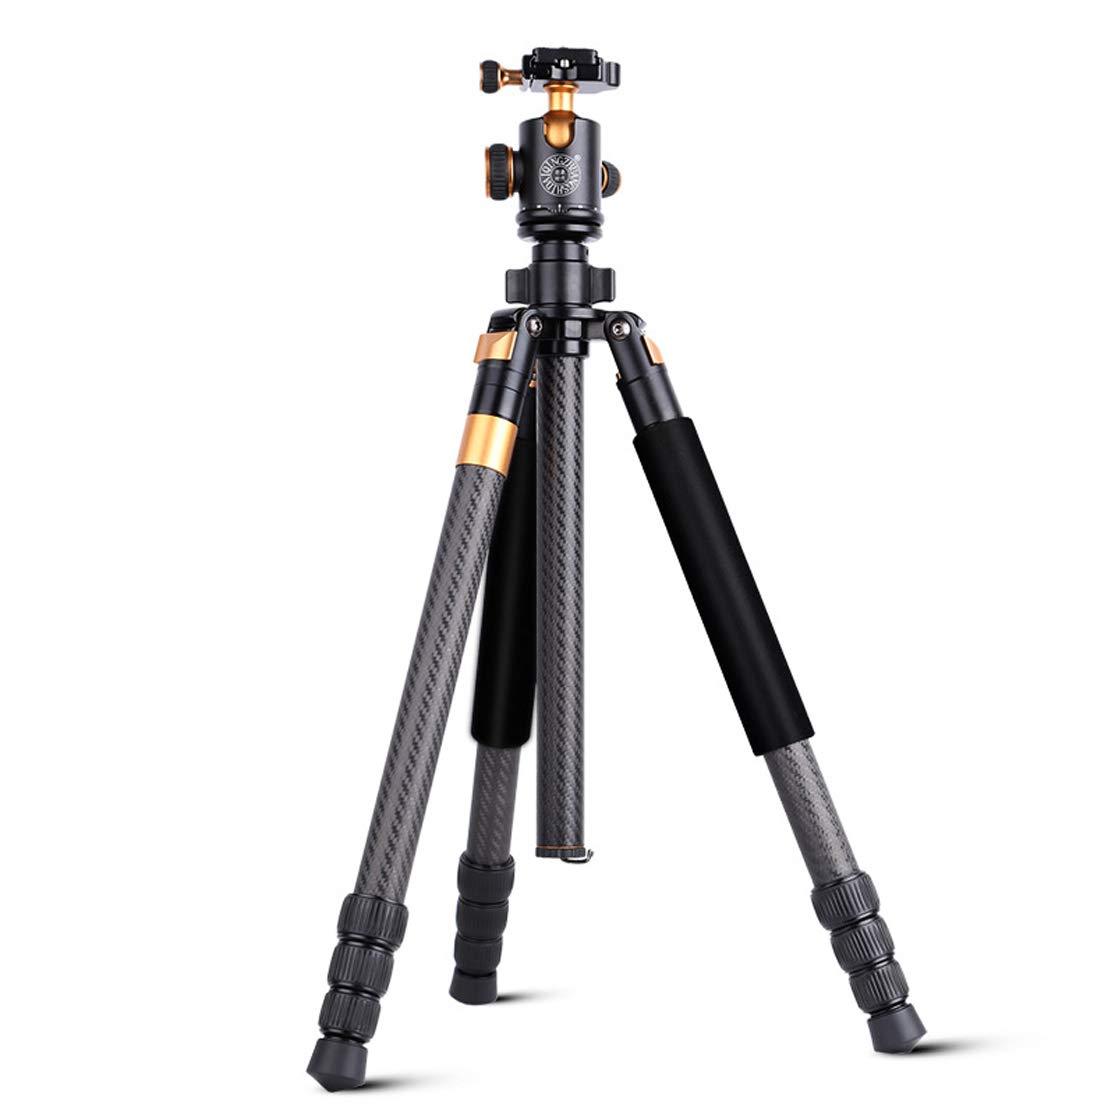 直営店に限定 カメラ カメラ 三脚 旅行適応のために適した炭素繊維の物質的な軽量1.6kg高さ160cm Slr DSR Slr DSR キヤノンソニーニコンなどの機器(推奨荷重3-10kgブラック) B07QVPGJC6, 産山村:e3603c48 --- martinemoeykens.com